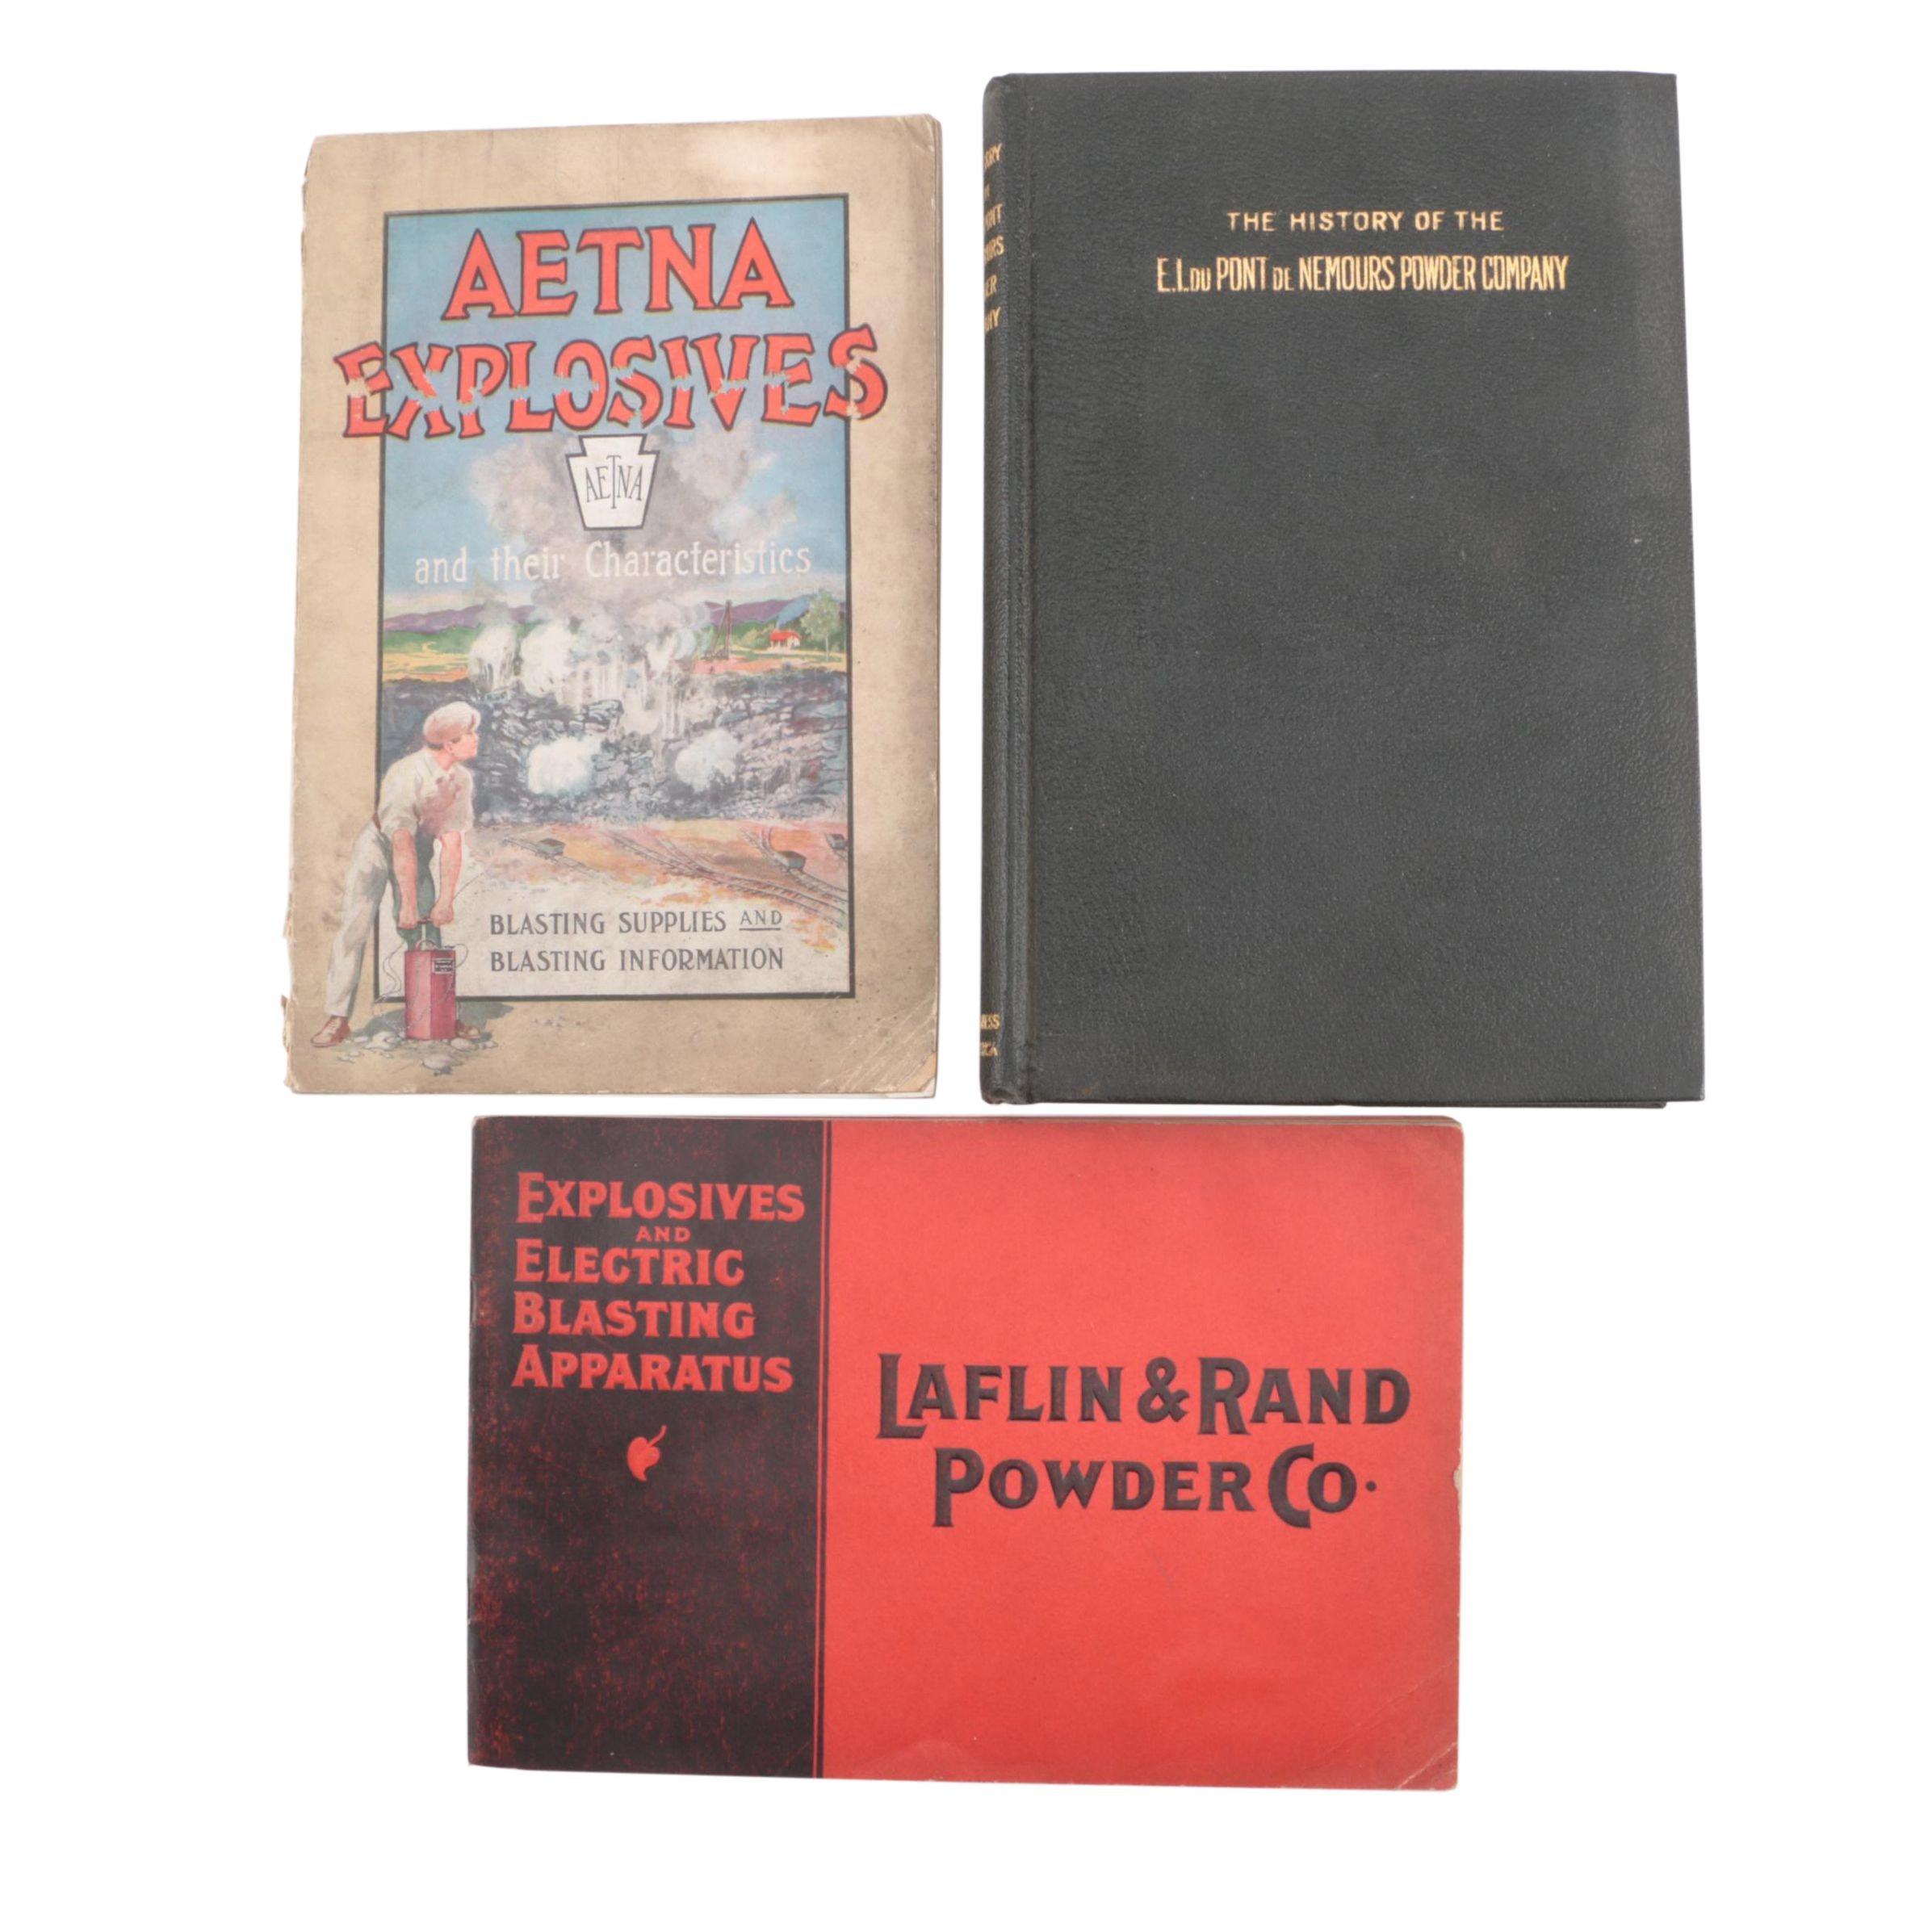 Vintage Books on Explosives